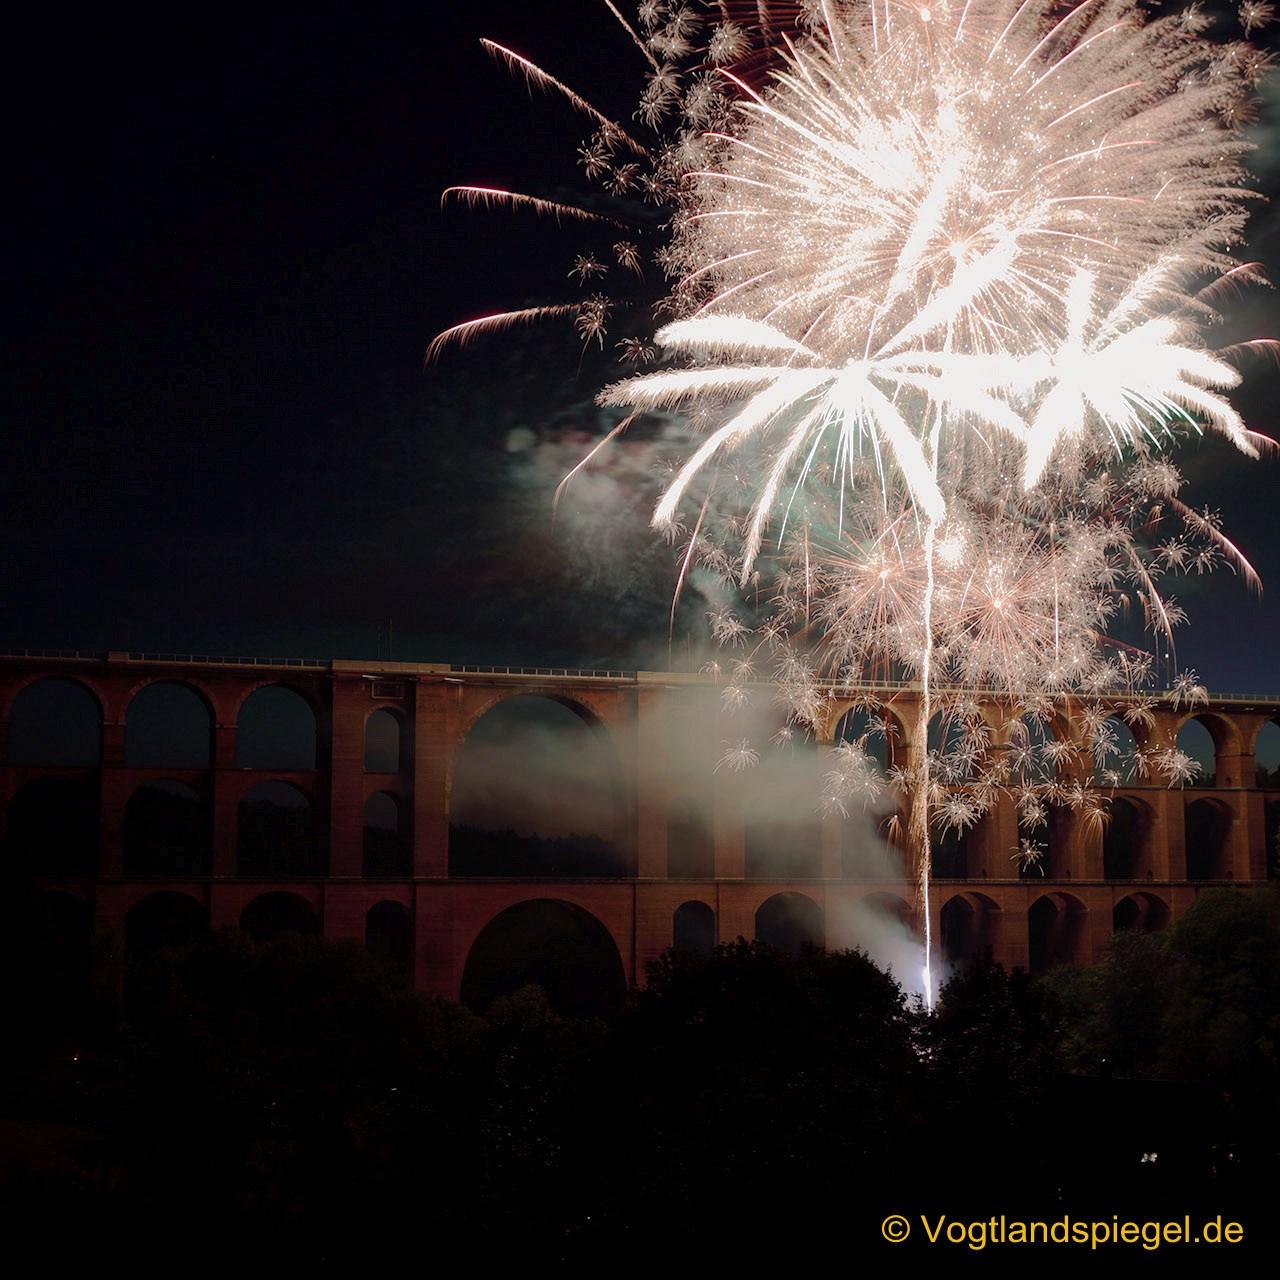 Das Feuerwerk zum Abschluss der Veranstaltung Philharmonic Rock begeistert tausende Zuschauer.